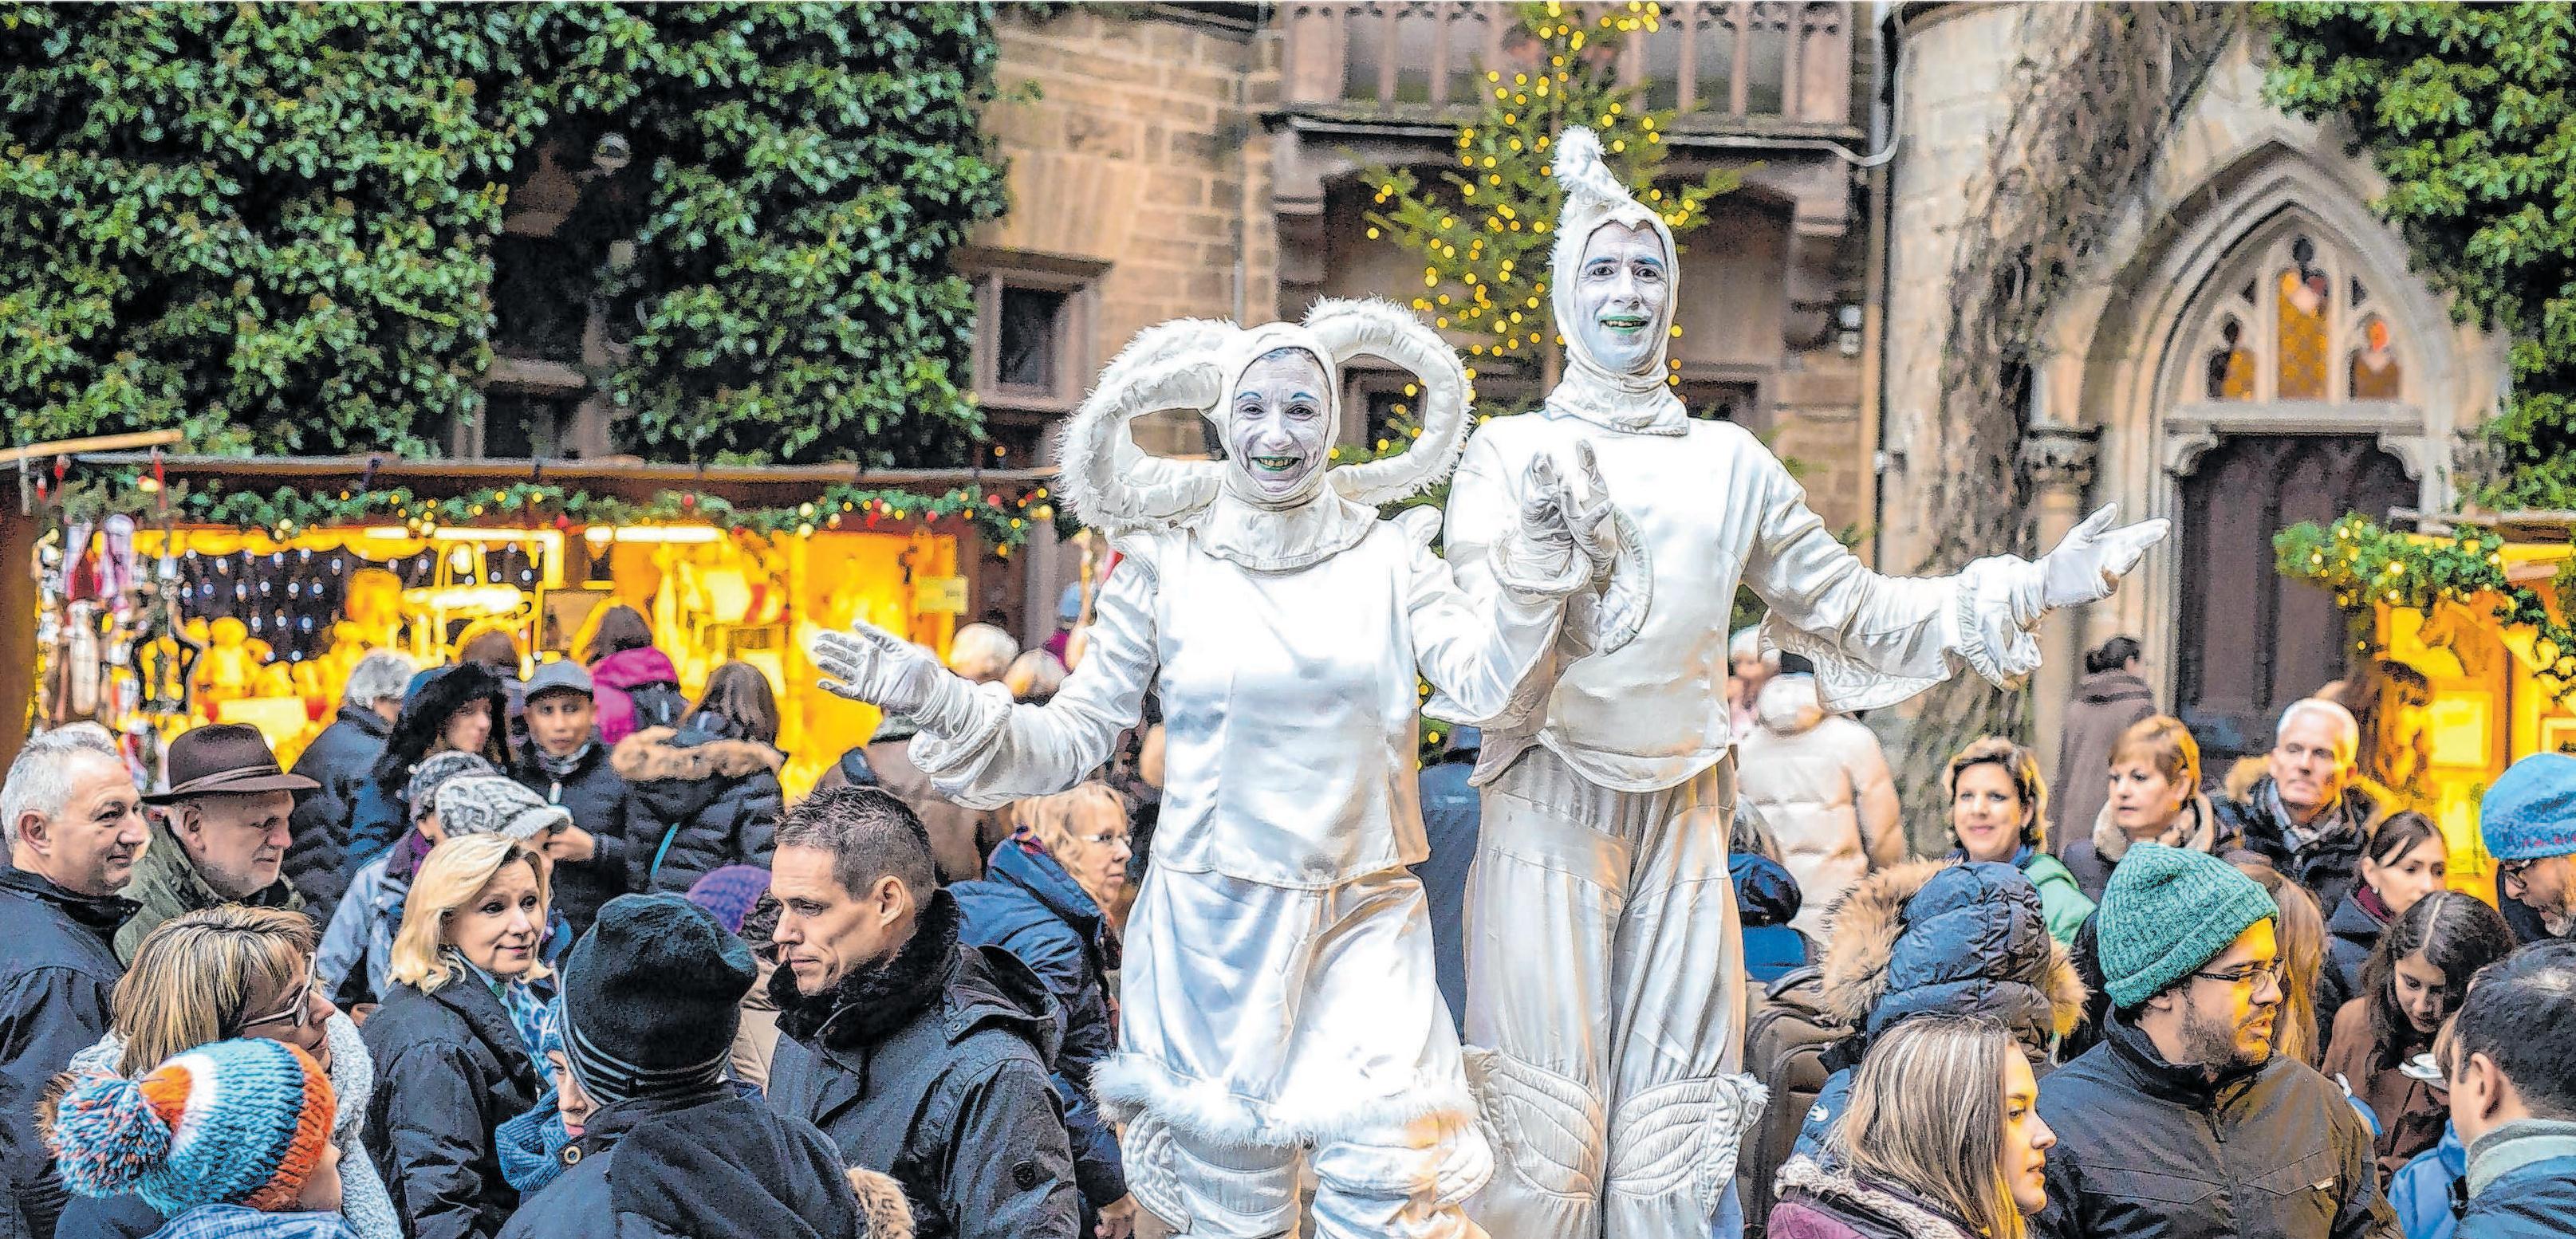 Koniglicher Weihnachtsmarkt Burg Hohenzollern Schatzkammer